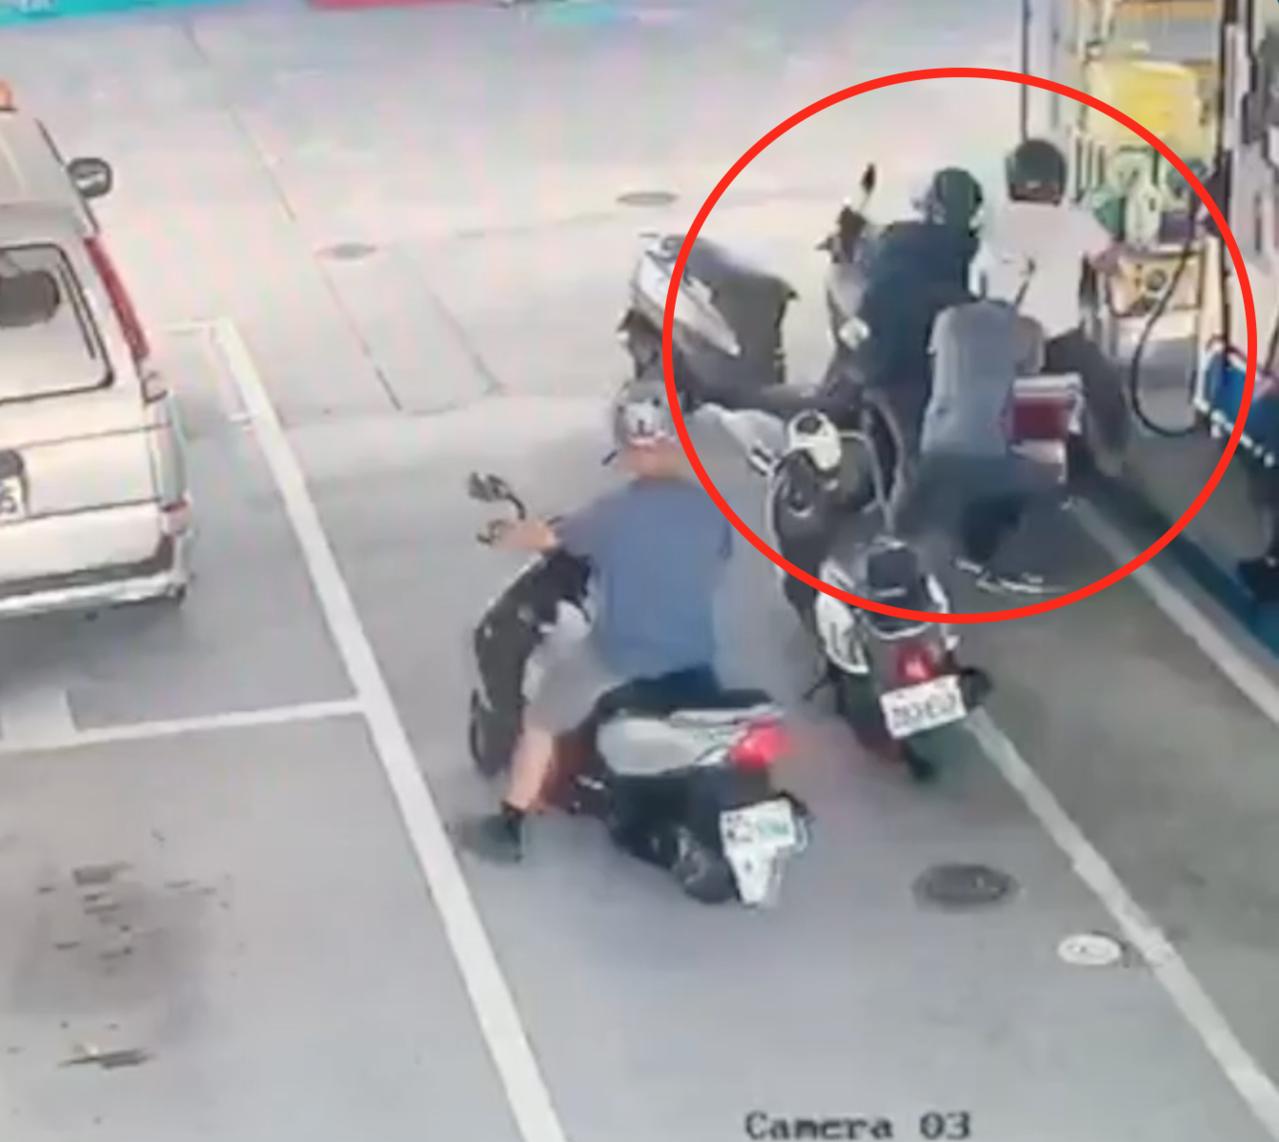 警方趁吳姓男子加油時攔查,吳卻意圖要衝撞逃離,被警方緊緊抓住,最後自摔倒地。記者...